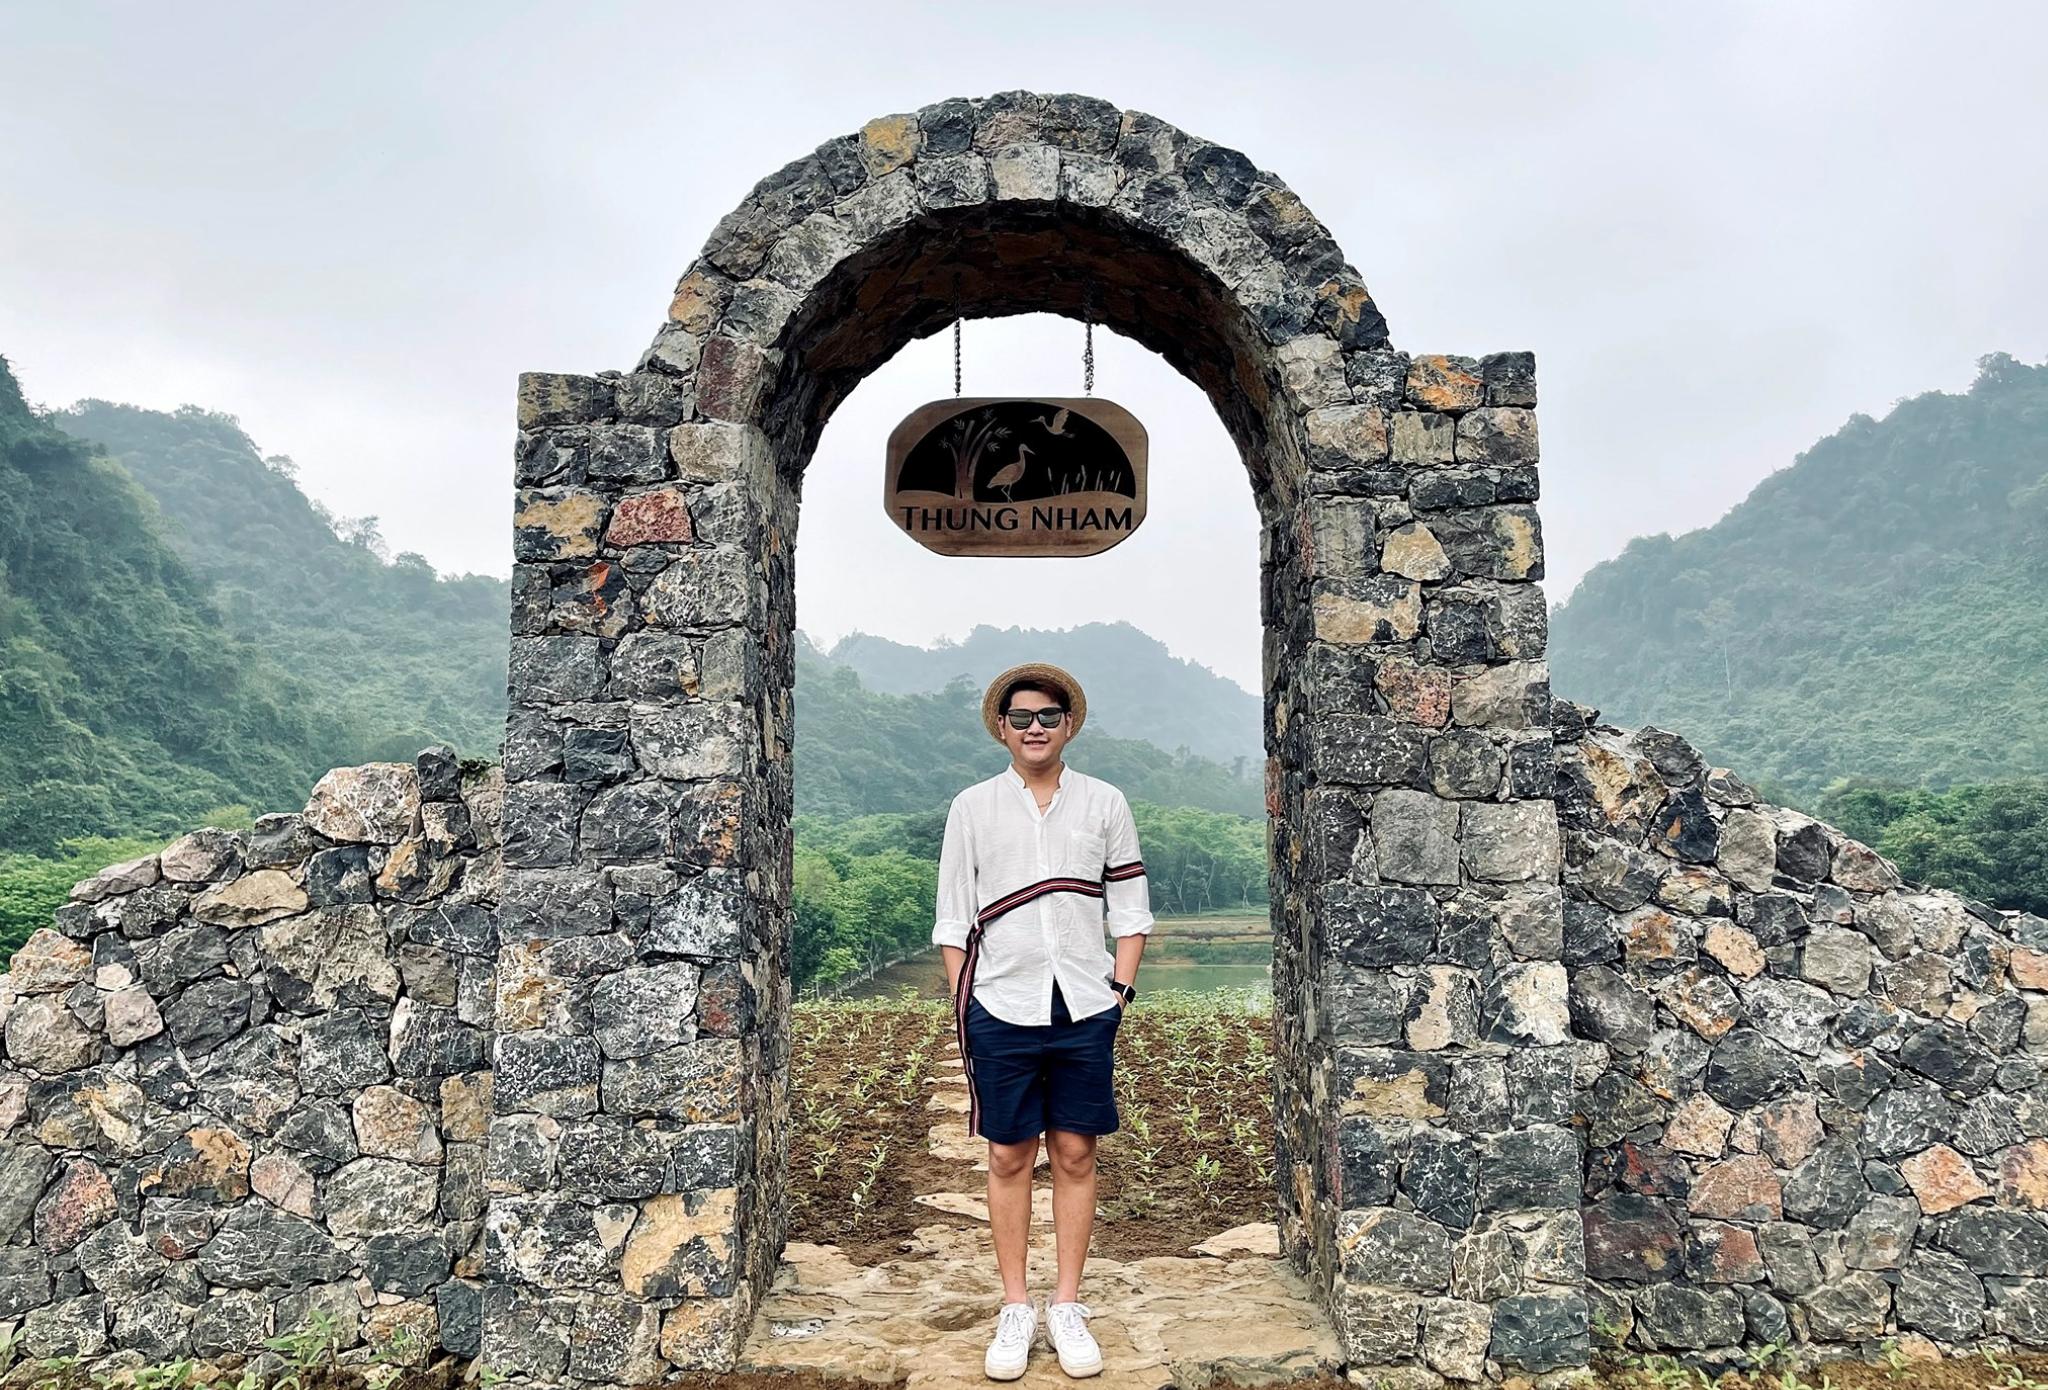 review-chi-tiet-vuon-chim-thung-nham-ninh-binh-2021